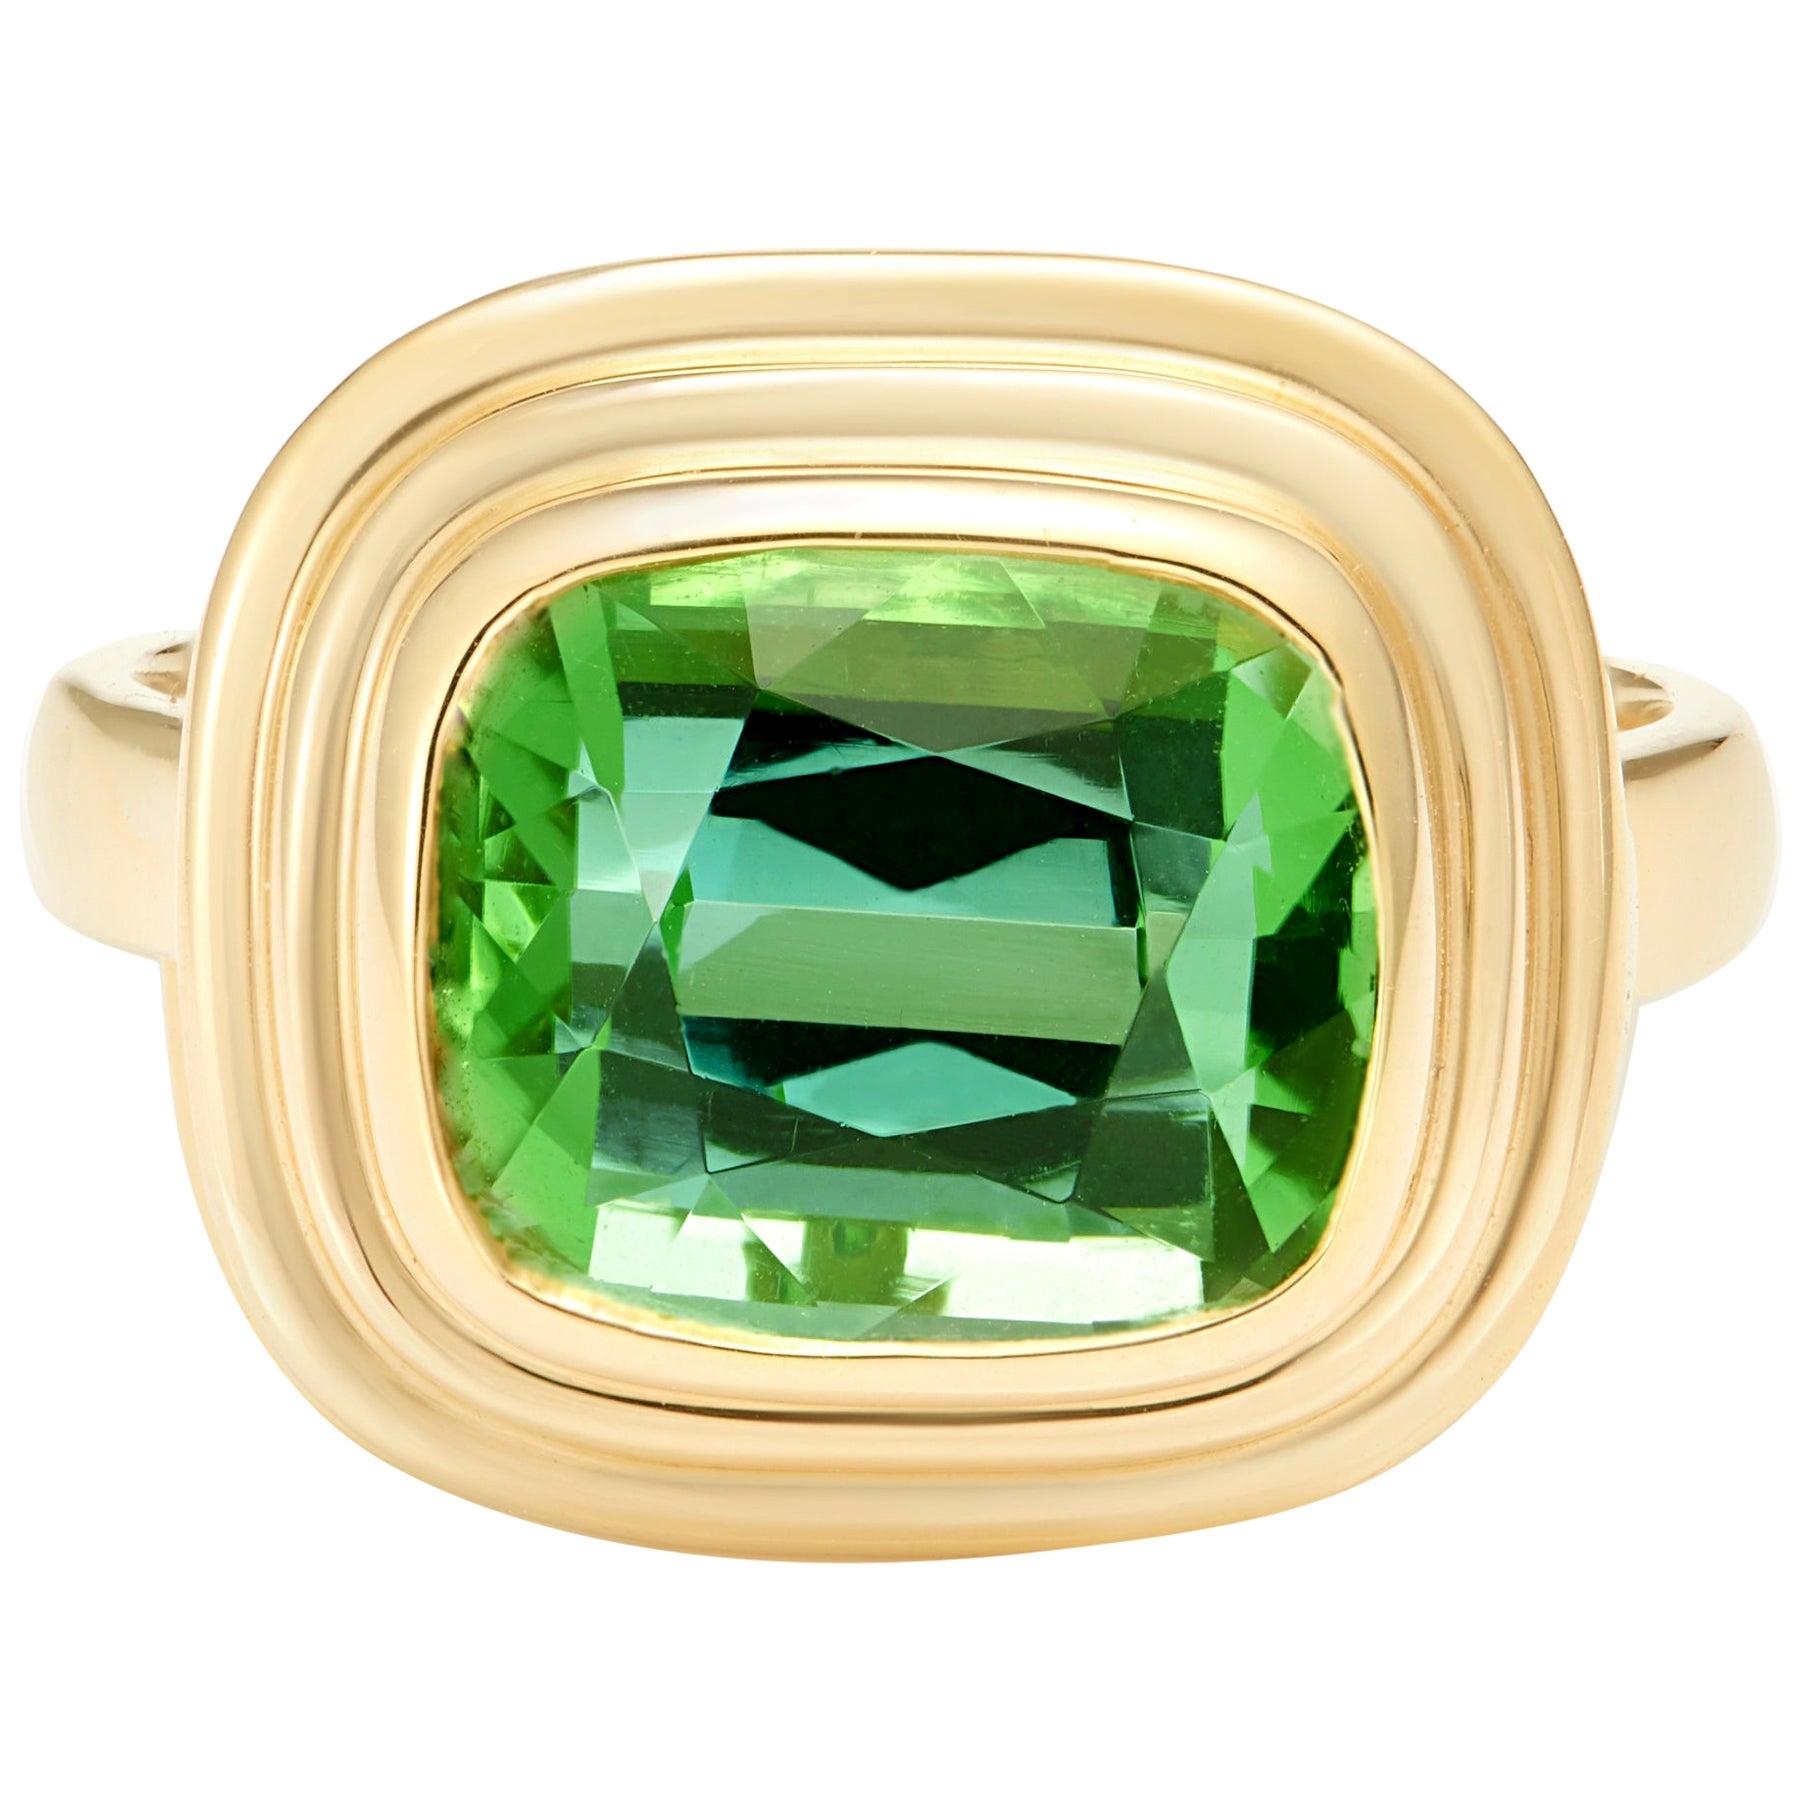 Vivid Green 5.70 Carat Tourmaline 18 Karat Yellow Gold Cocktail Ring